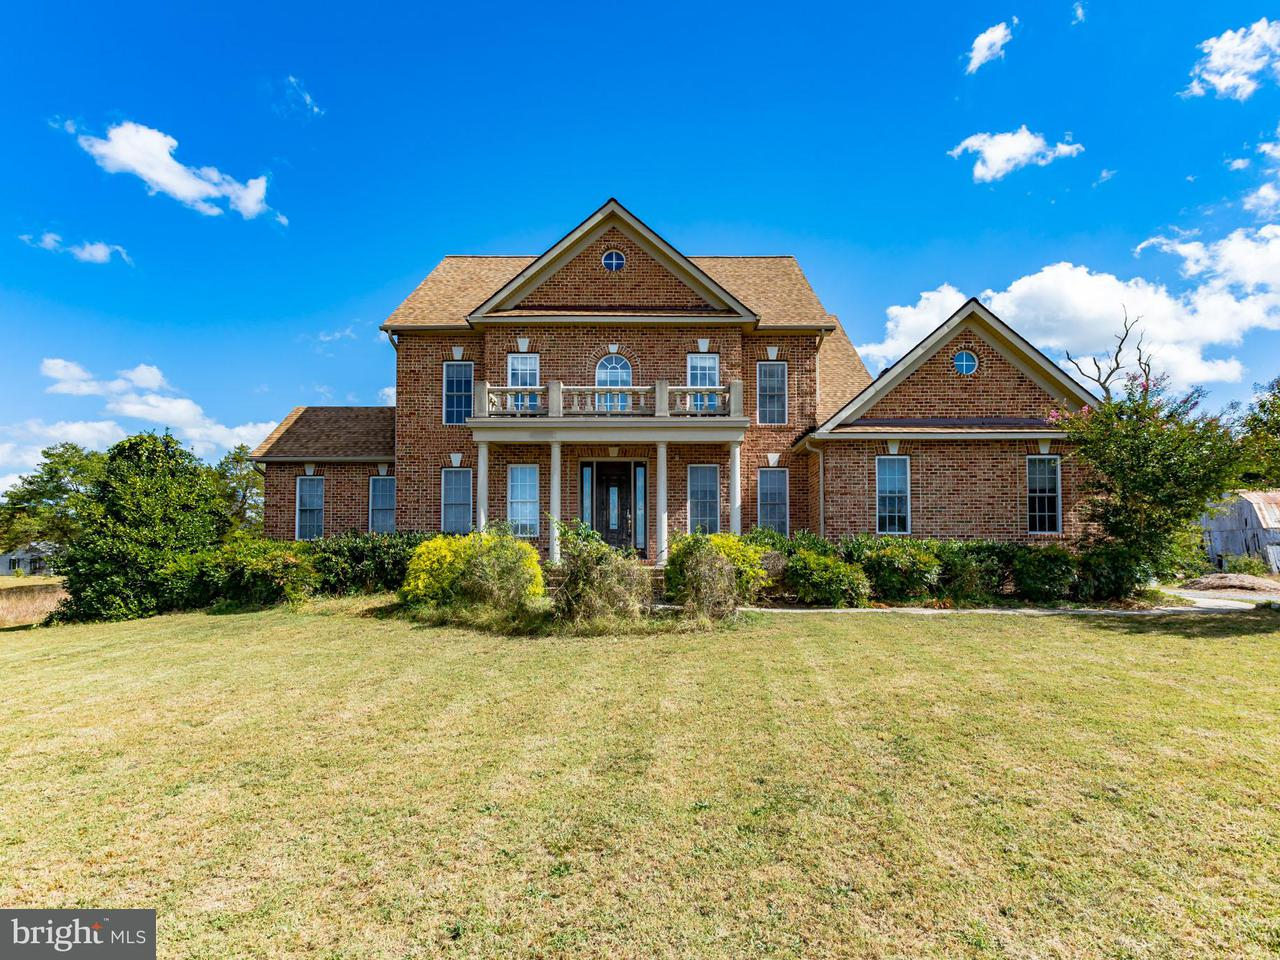 一戸建て のために 売買 アット 4693 SANDS Road 4693 SANDS Road Harwood, メリーランド 20776 アメリカ合衆国